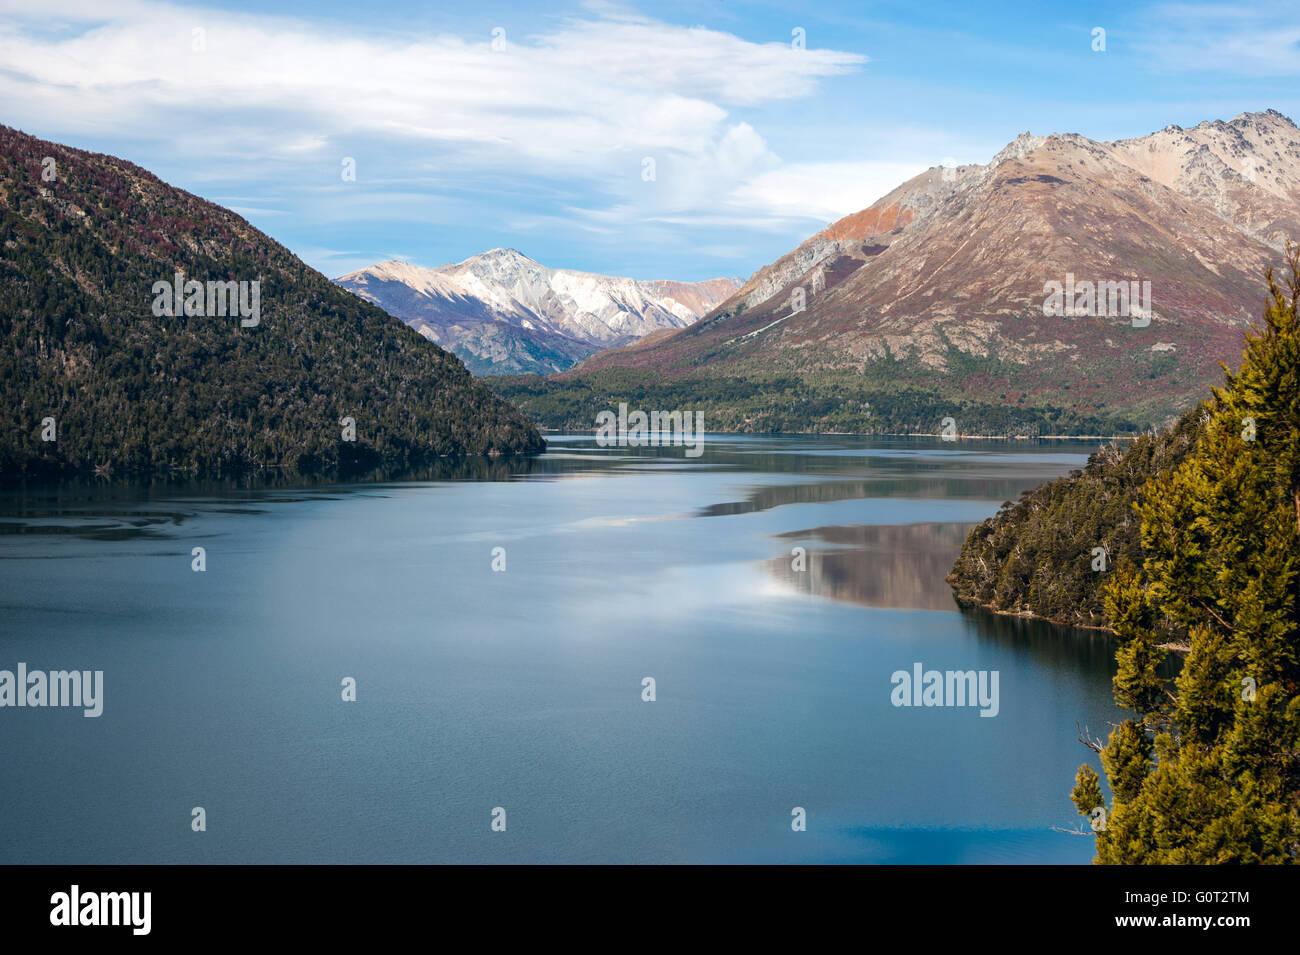 Autumn in Bariloche, Patagonia, Argentina - Stock Image